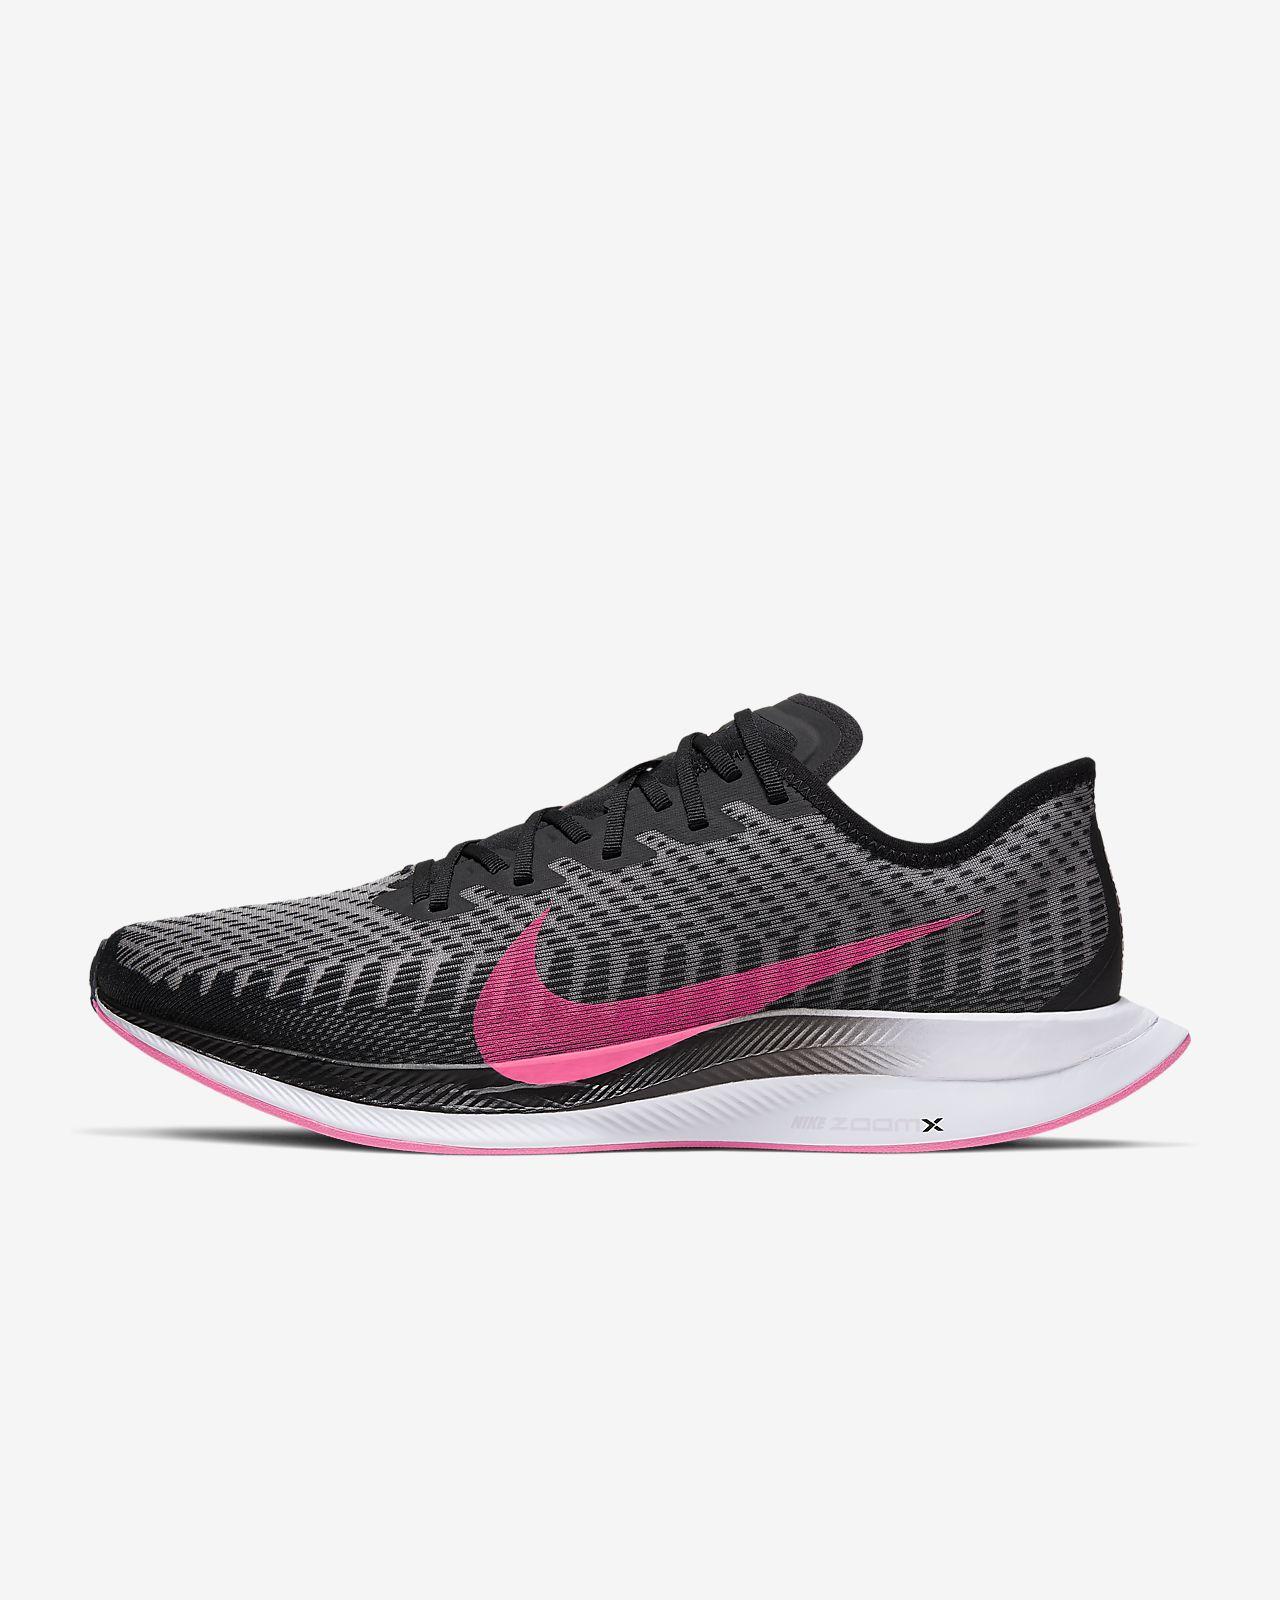 Męskie buty do biegania Nike Zoom Pegasus Turbo 2